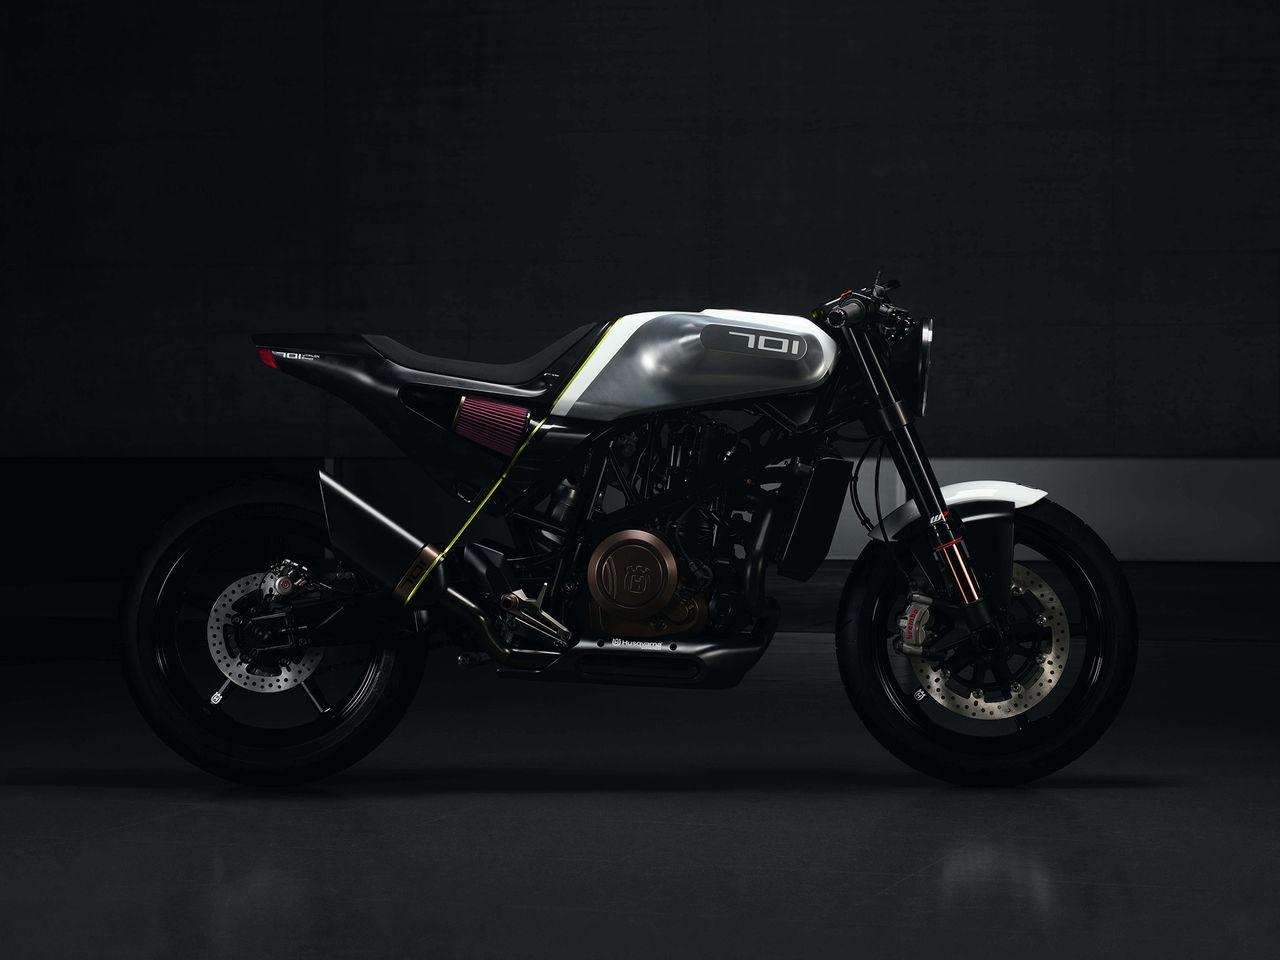 Husqvarna visar Vitpilen 701 Concept